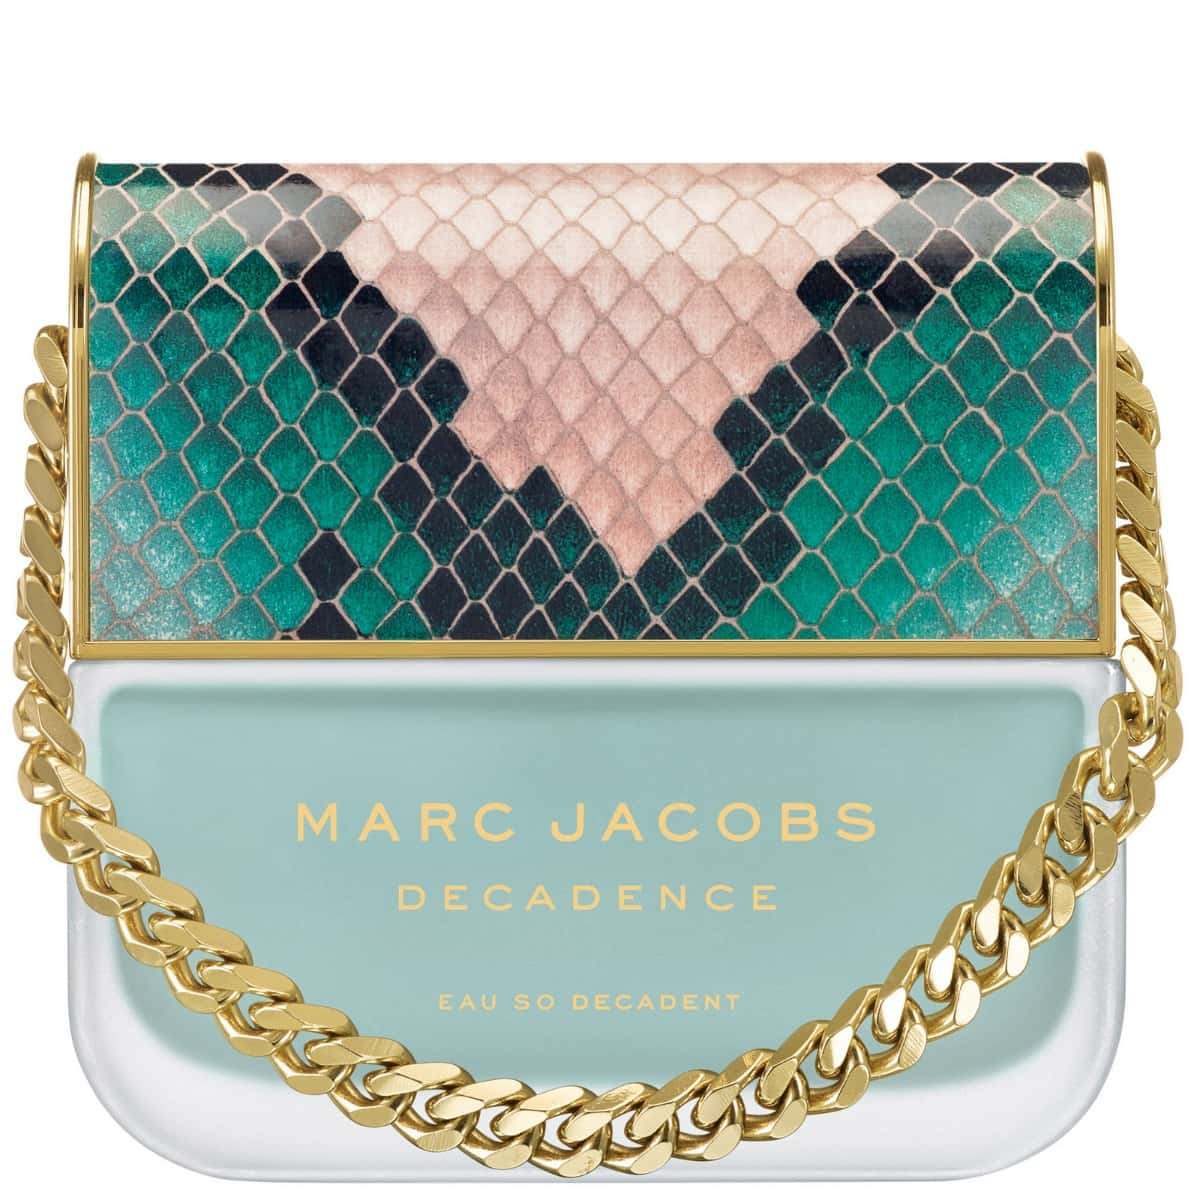 Marc Jacobs Decadence Eau So Decadent Edt 100ml